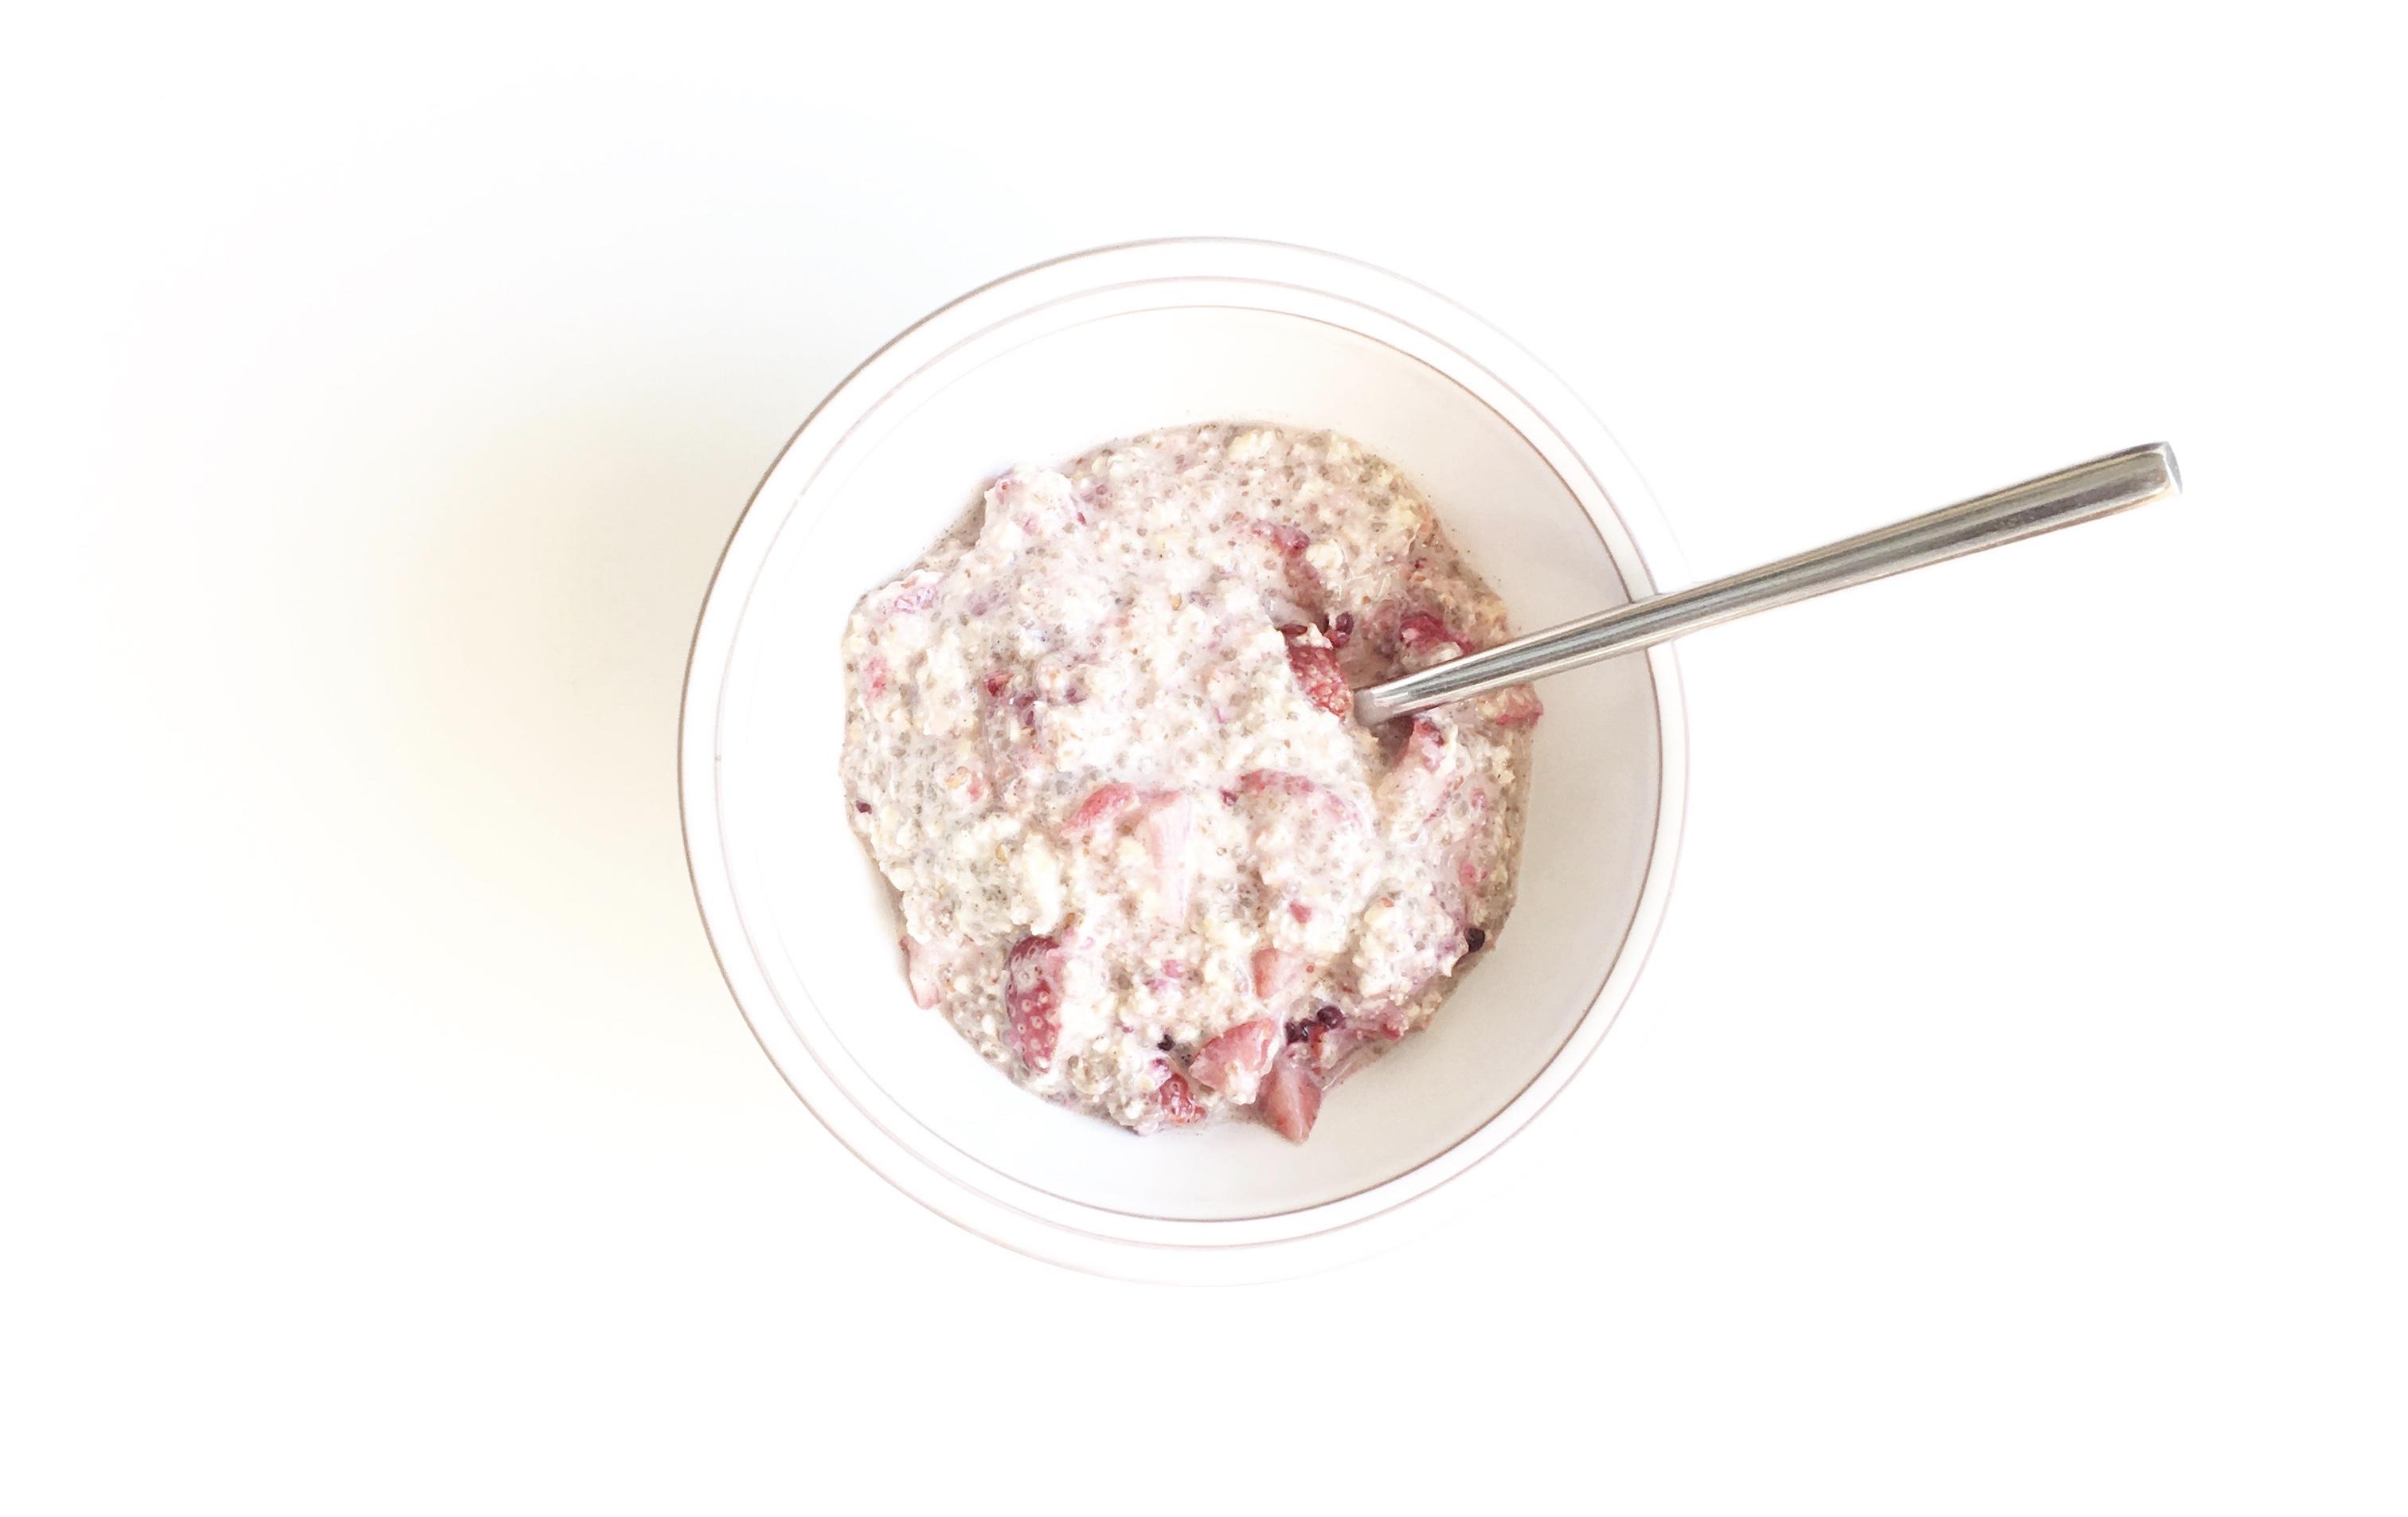 Summer berry overnight oats